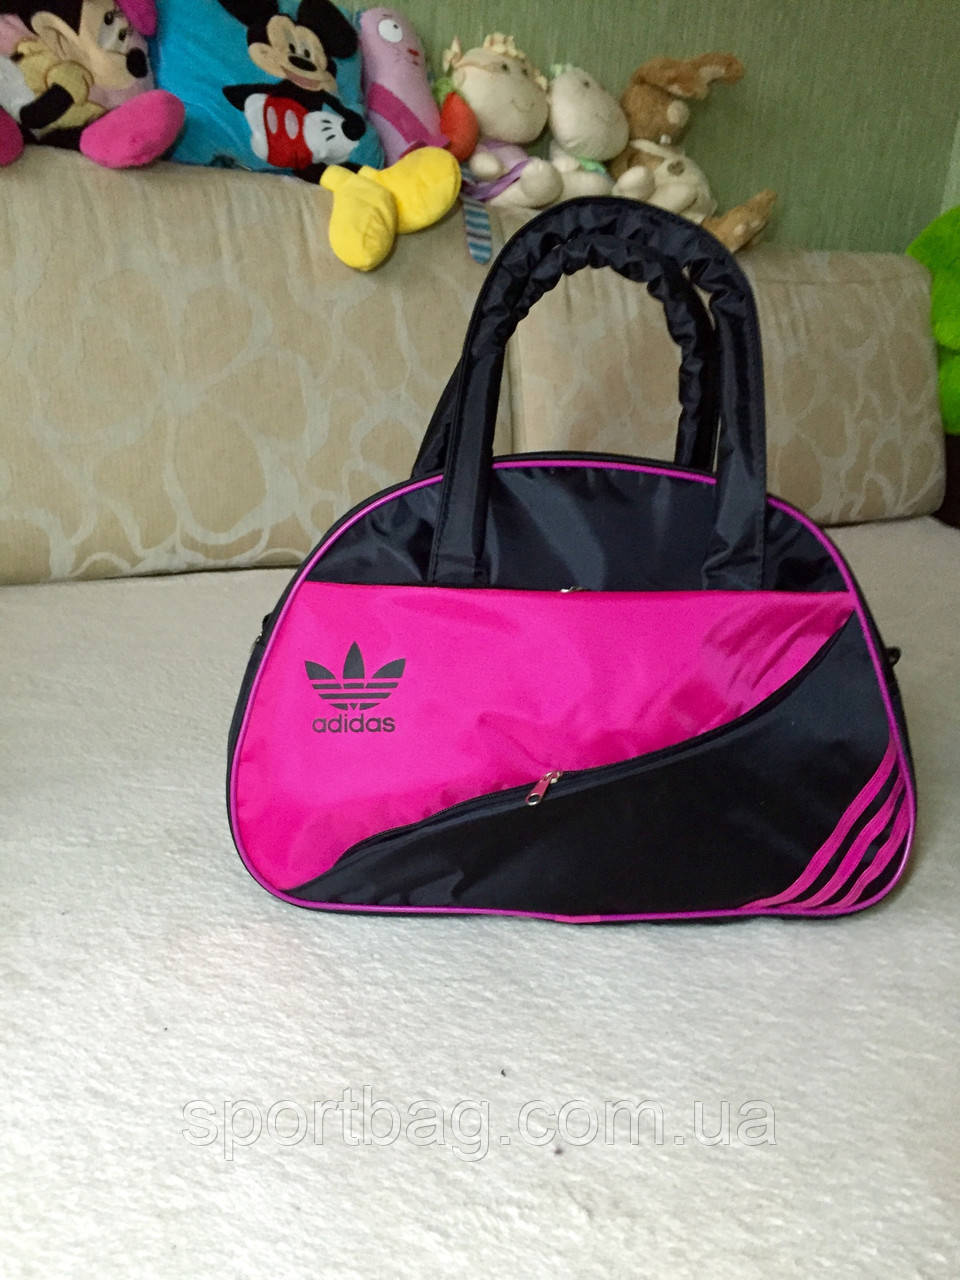 a772e5ef23a9 Сумка женская спортивная Adidas, модель МВ-3 Распродажа!!!! Яркие цвета